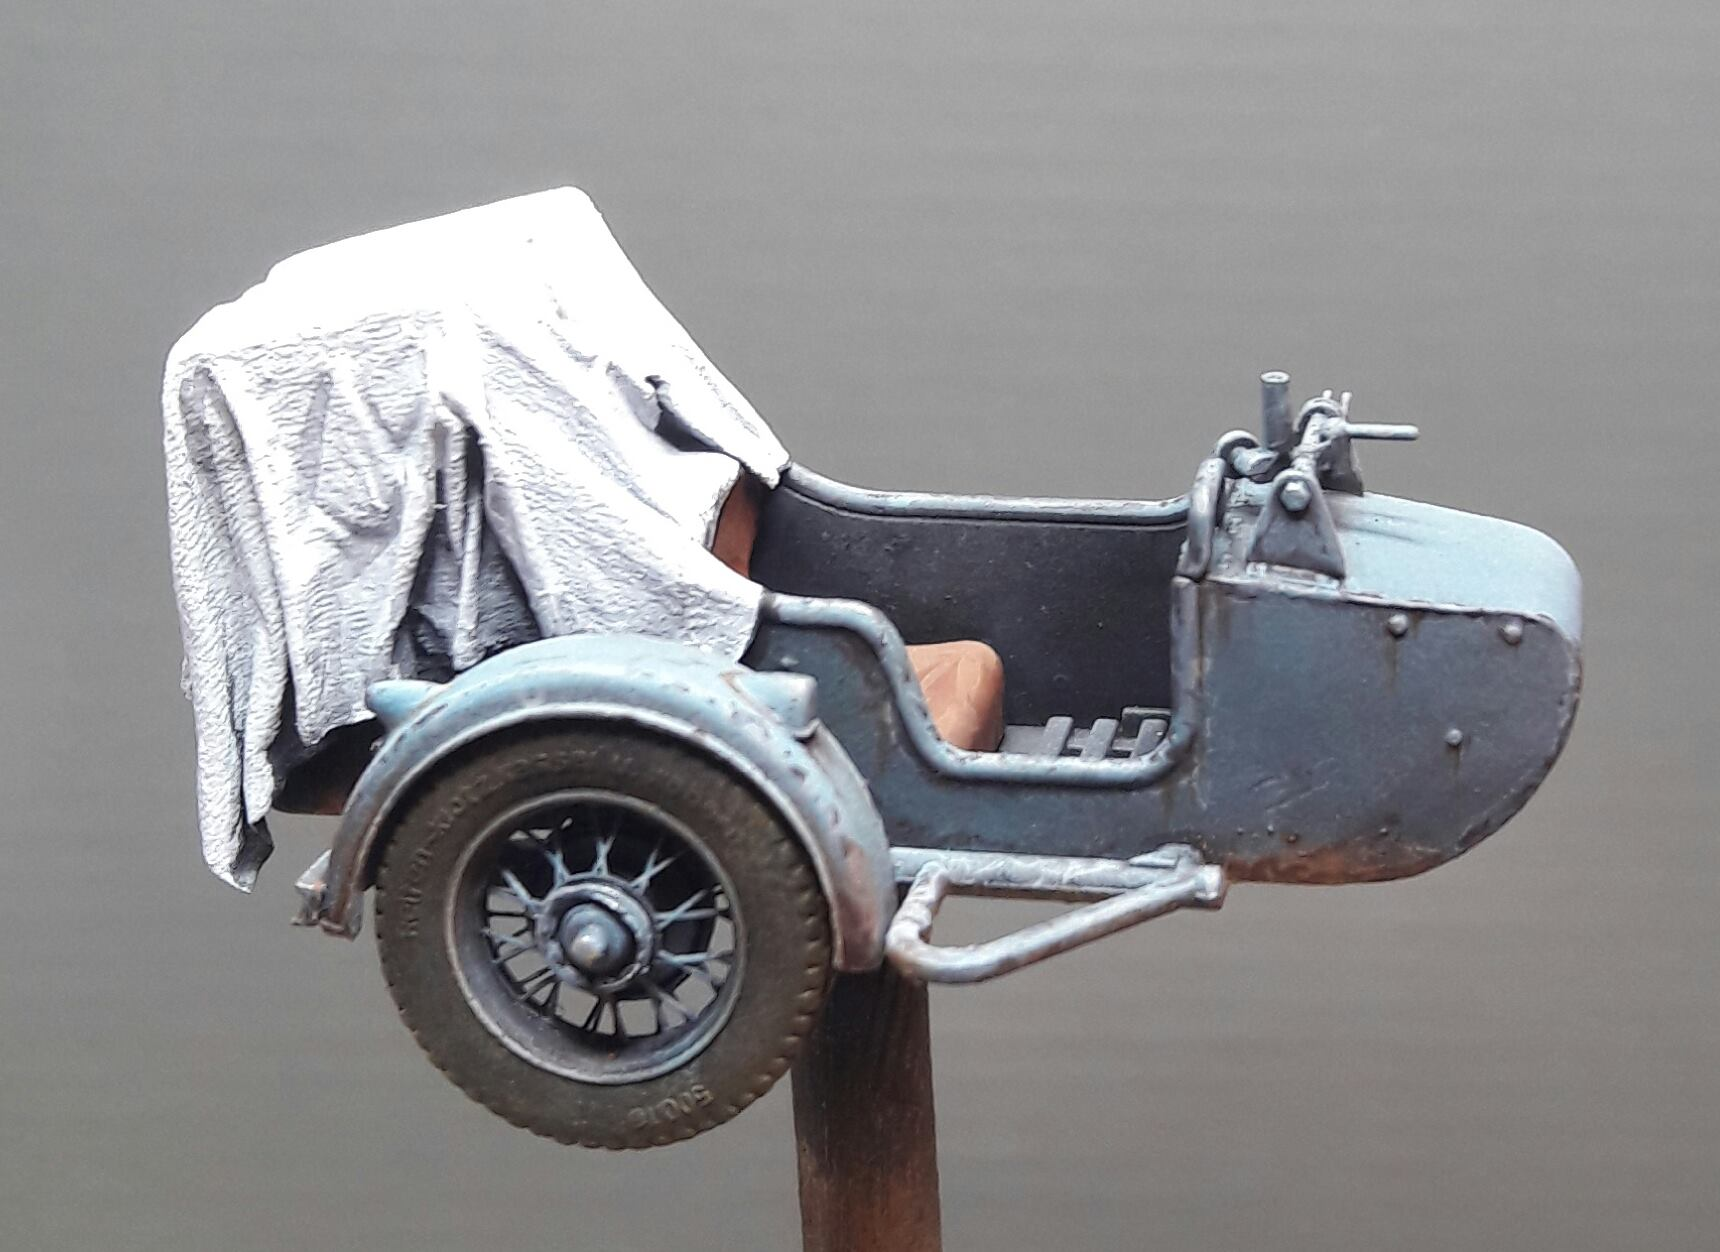 Zündapp KS750 - Sidecar - Great Wall Hobby + figurines Alpine - 1/35 - Page 4 3475741987598210211770307147686272558933o